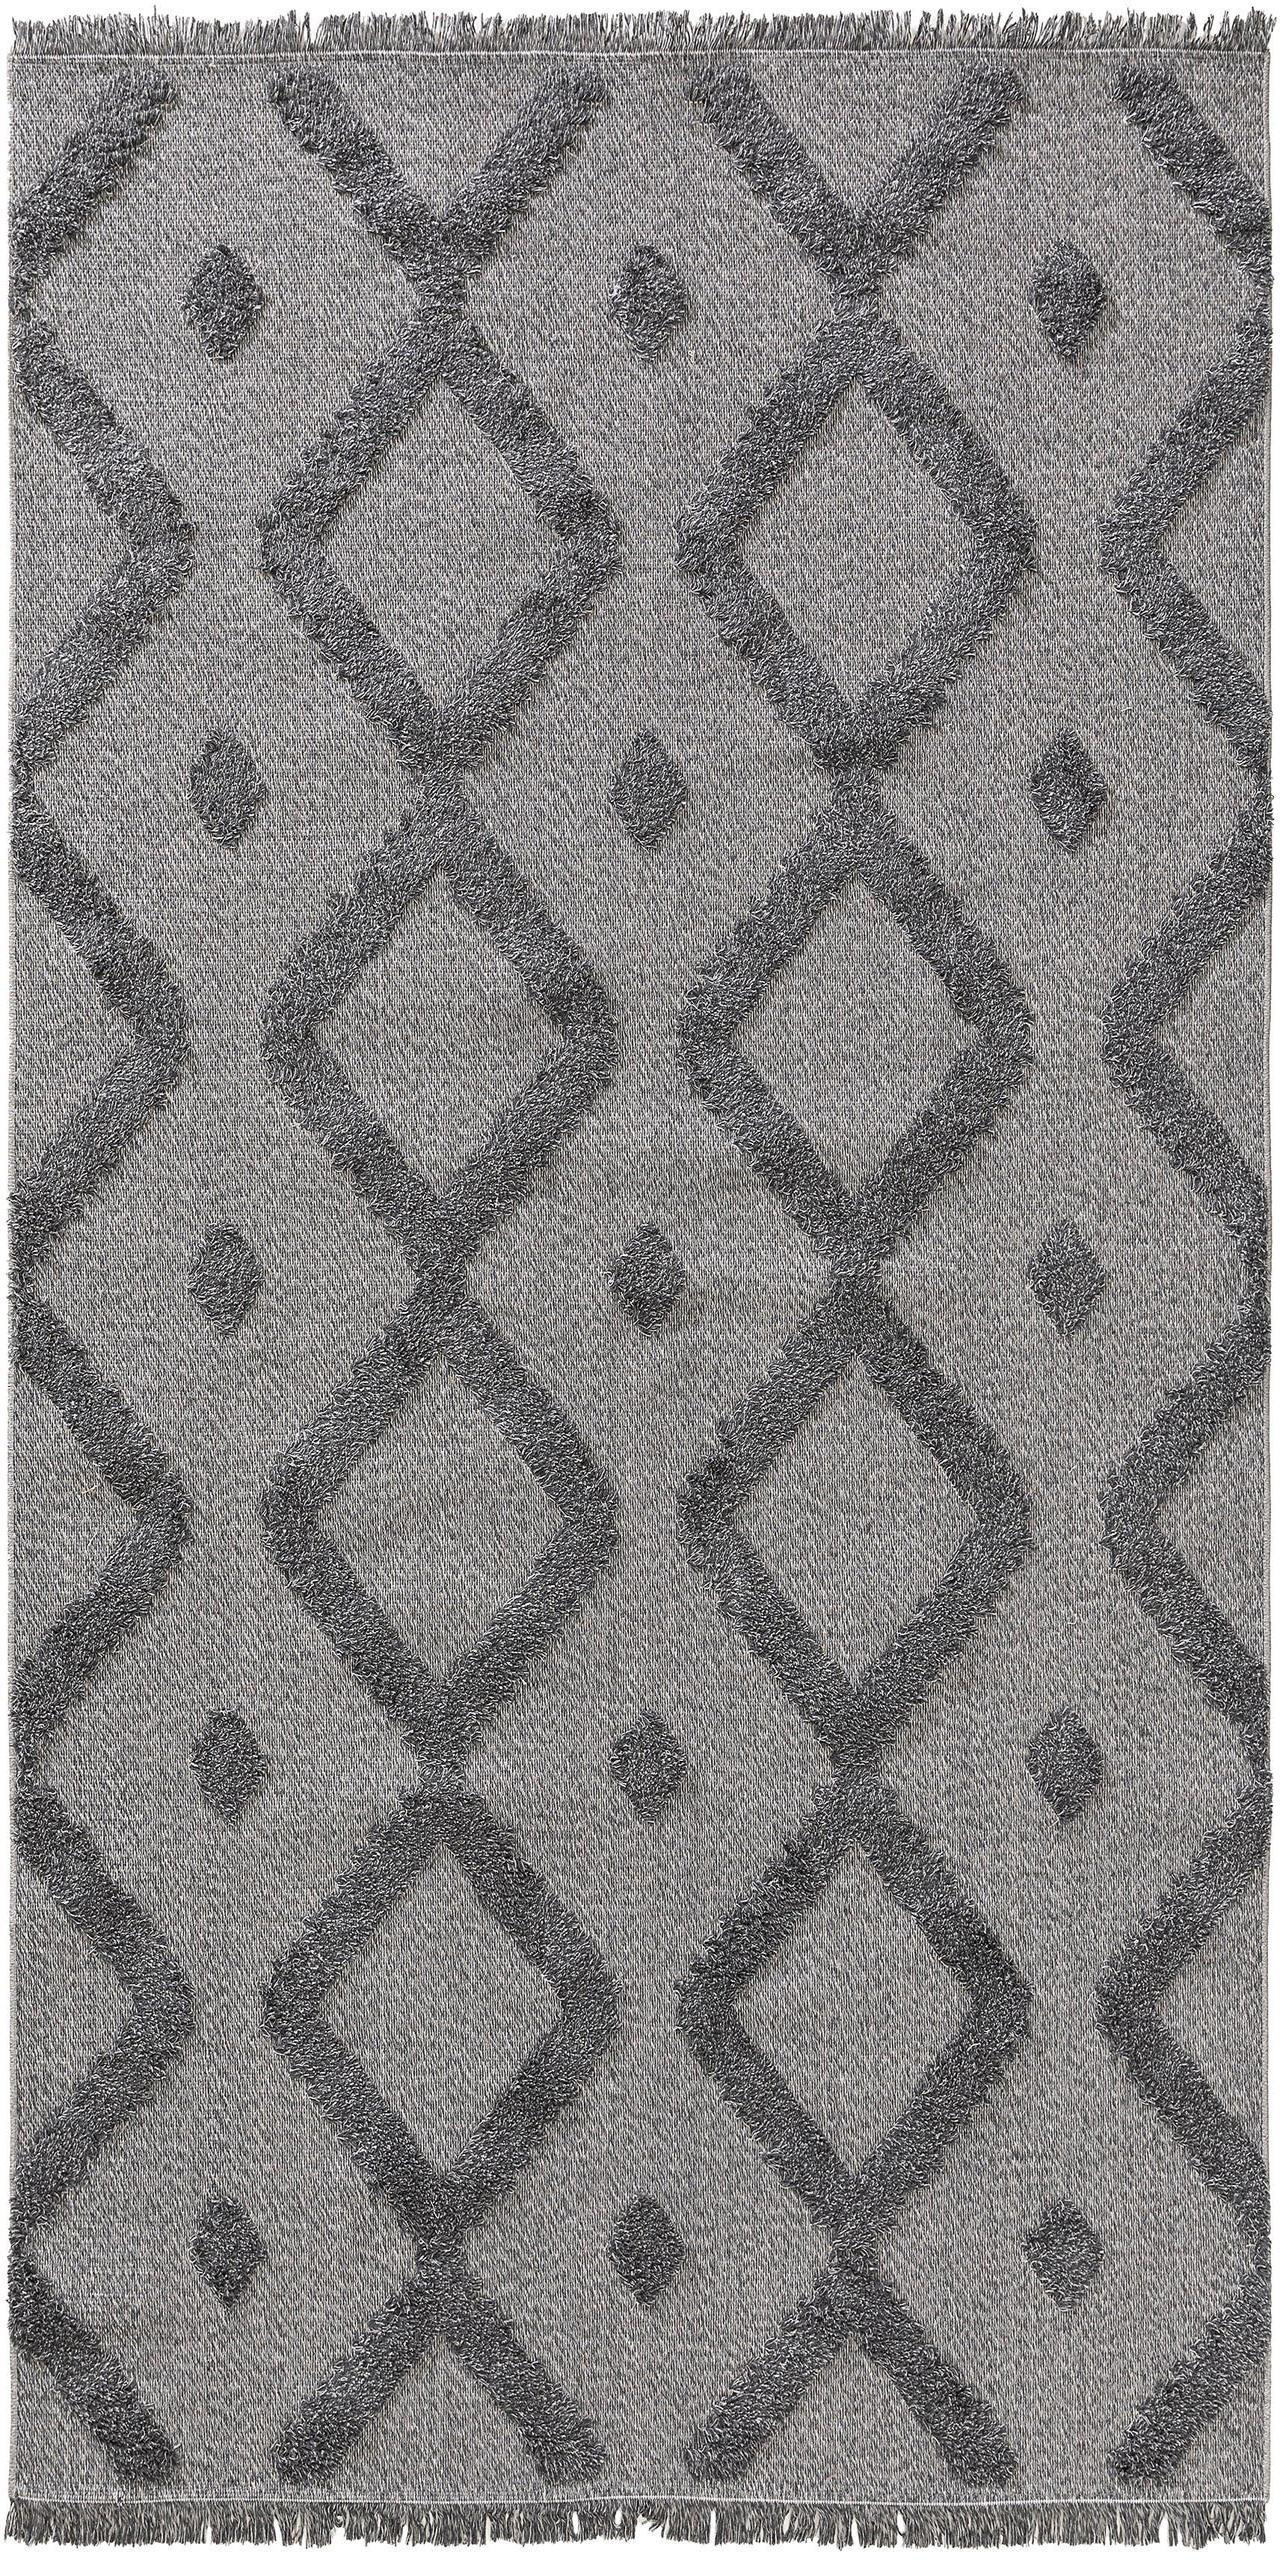 Wasbare katoenen vloerkleed Oslo, 100% katoen, Grijs, gevlekt, B 75 x L 150 cm (maat XS)